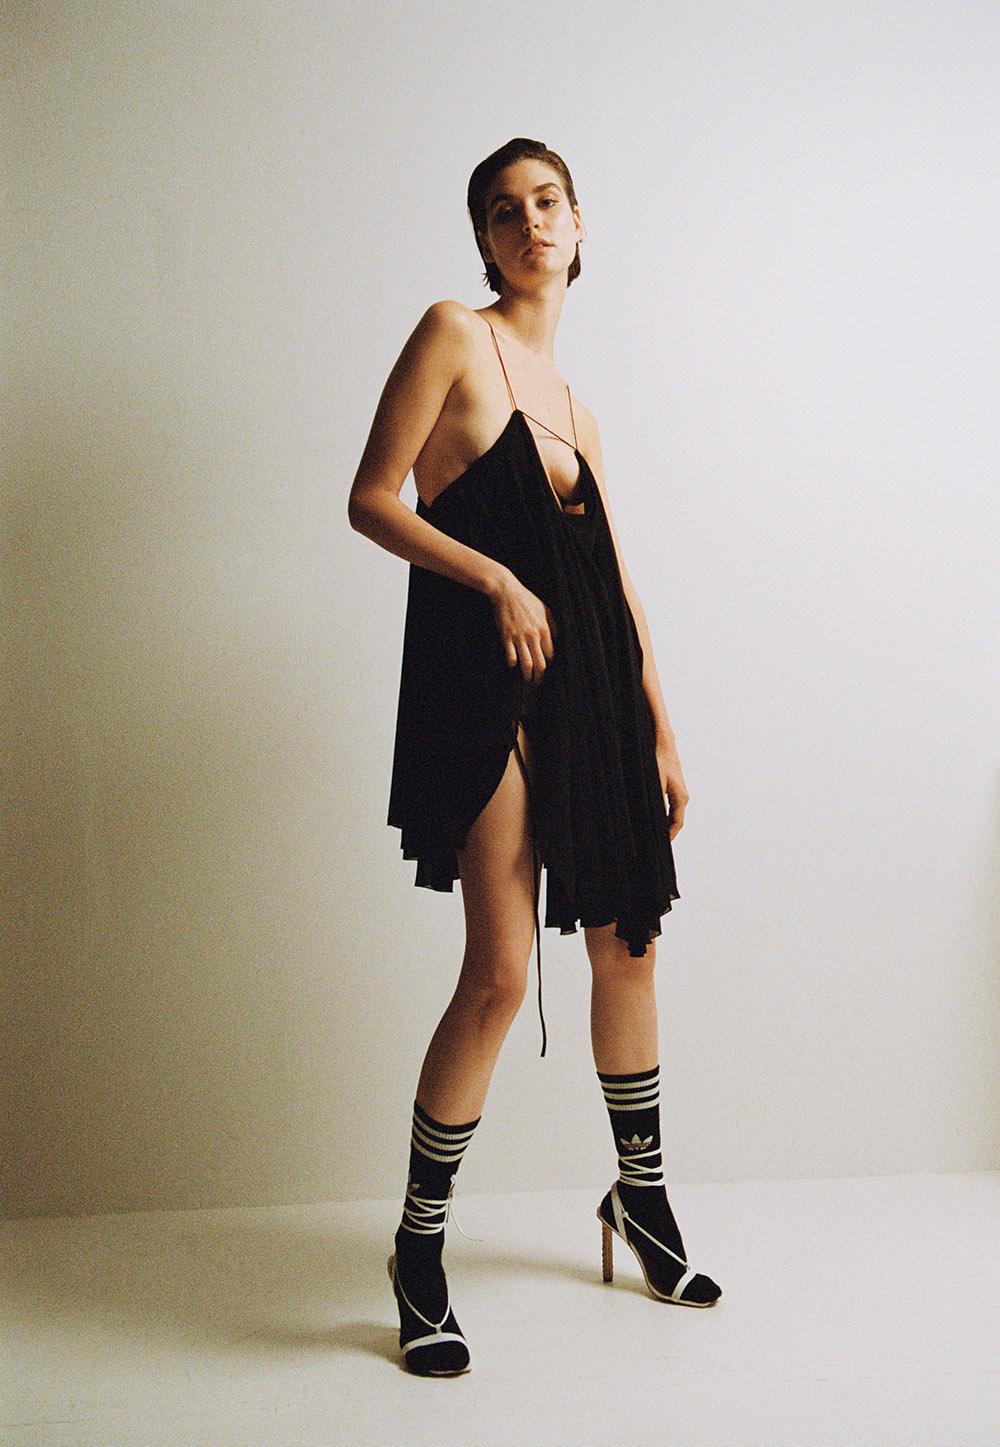 Photography by   Duljak Bergstrand   Fashion by   Dan Sablon     Art Direction by     Eric Beckman     Makeup by  Phophie Mathias     Hair by   Yoann Fernandez     Model   Manon Leloup